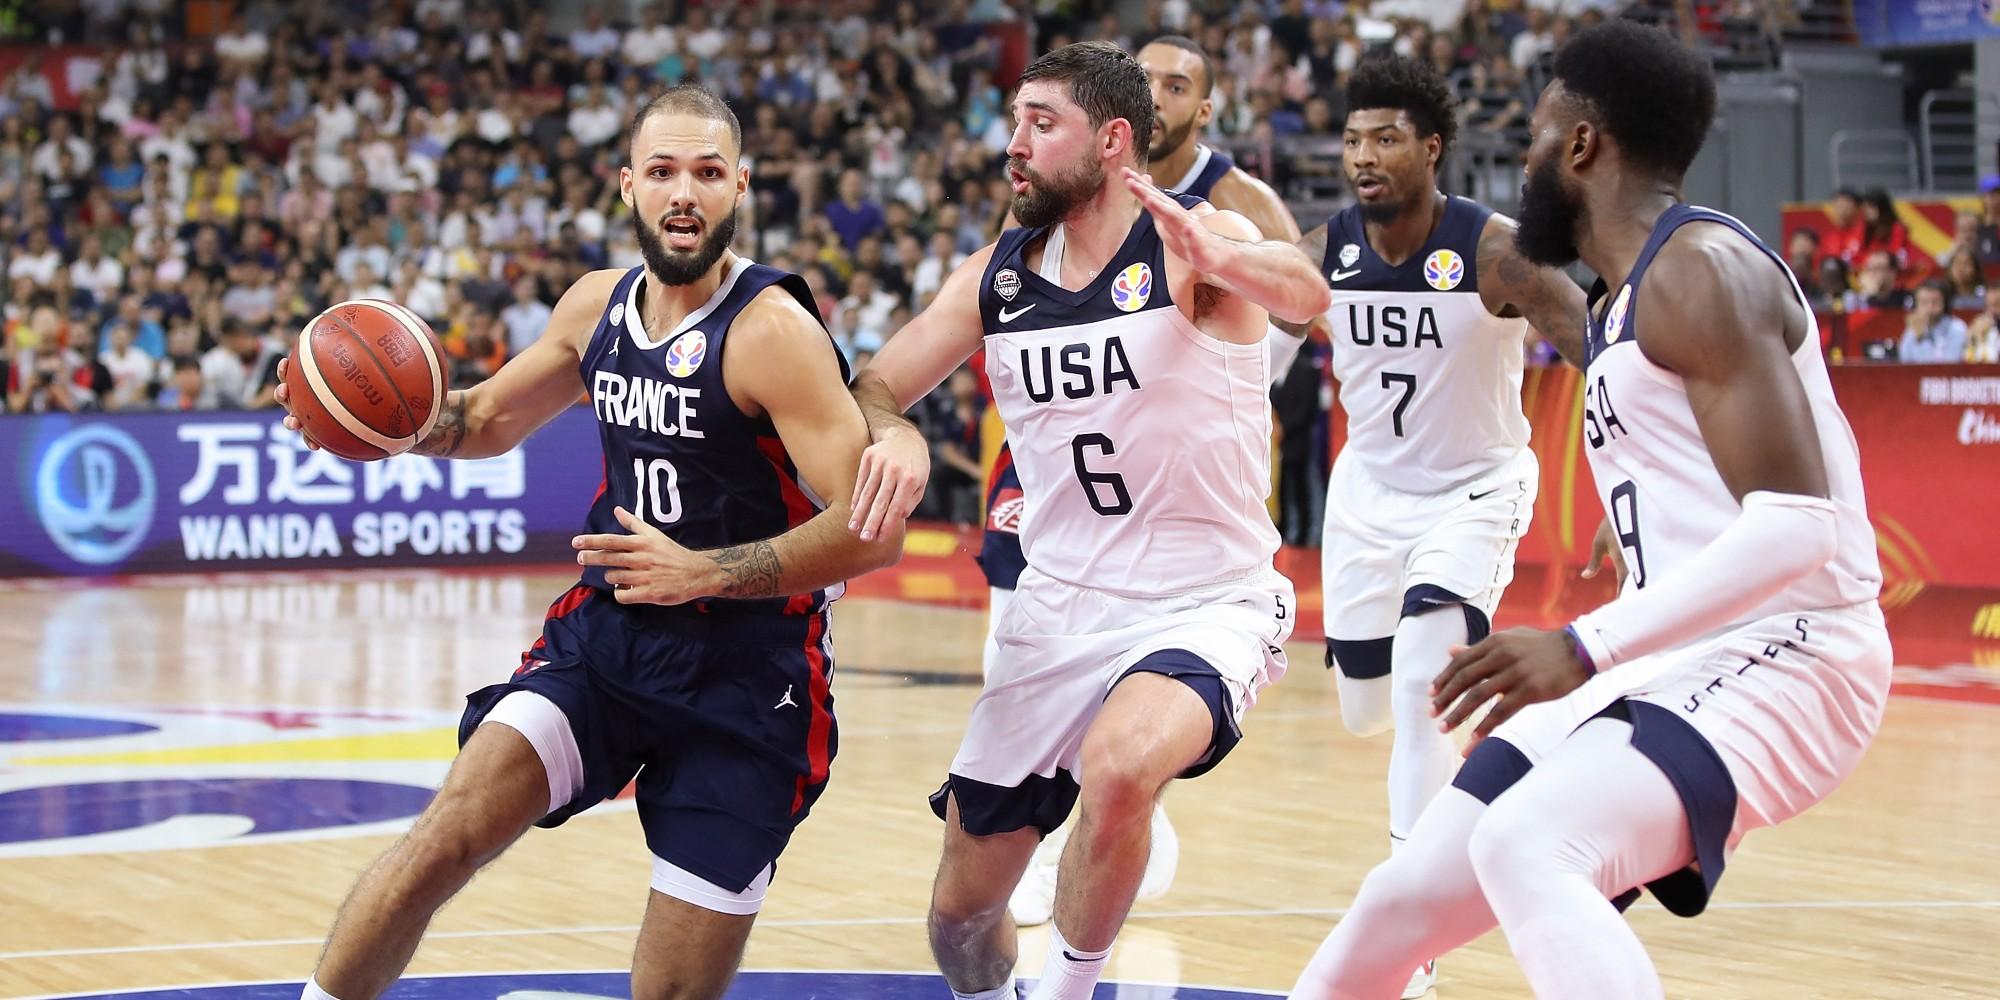 Basket aux Jeux Olympiques : comment les Etats-Unis veulent prendre leur revanche sur la France